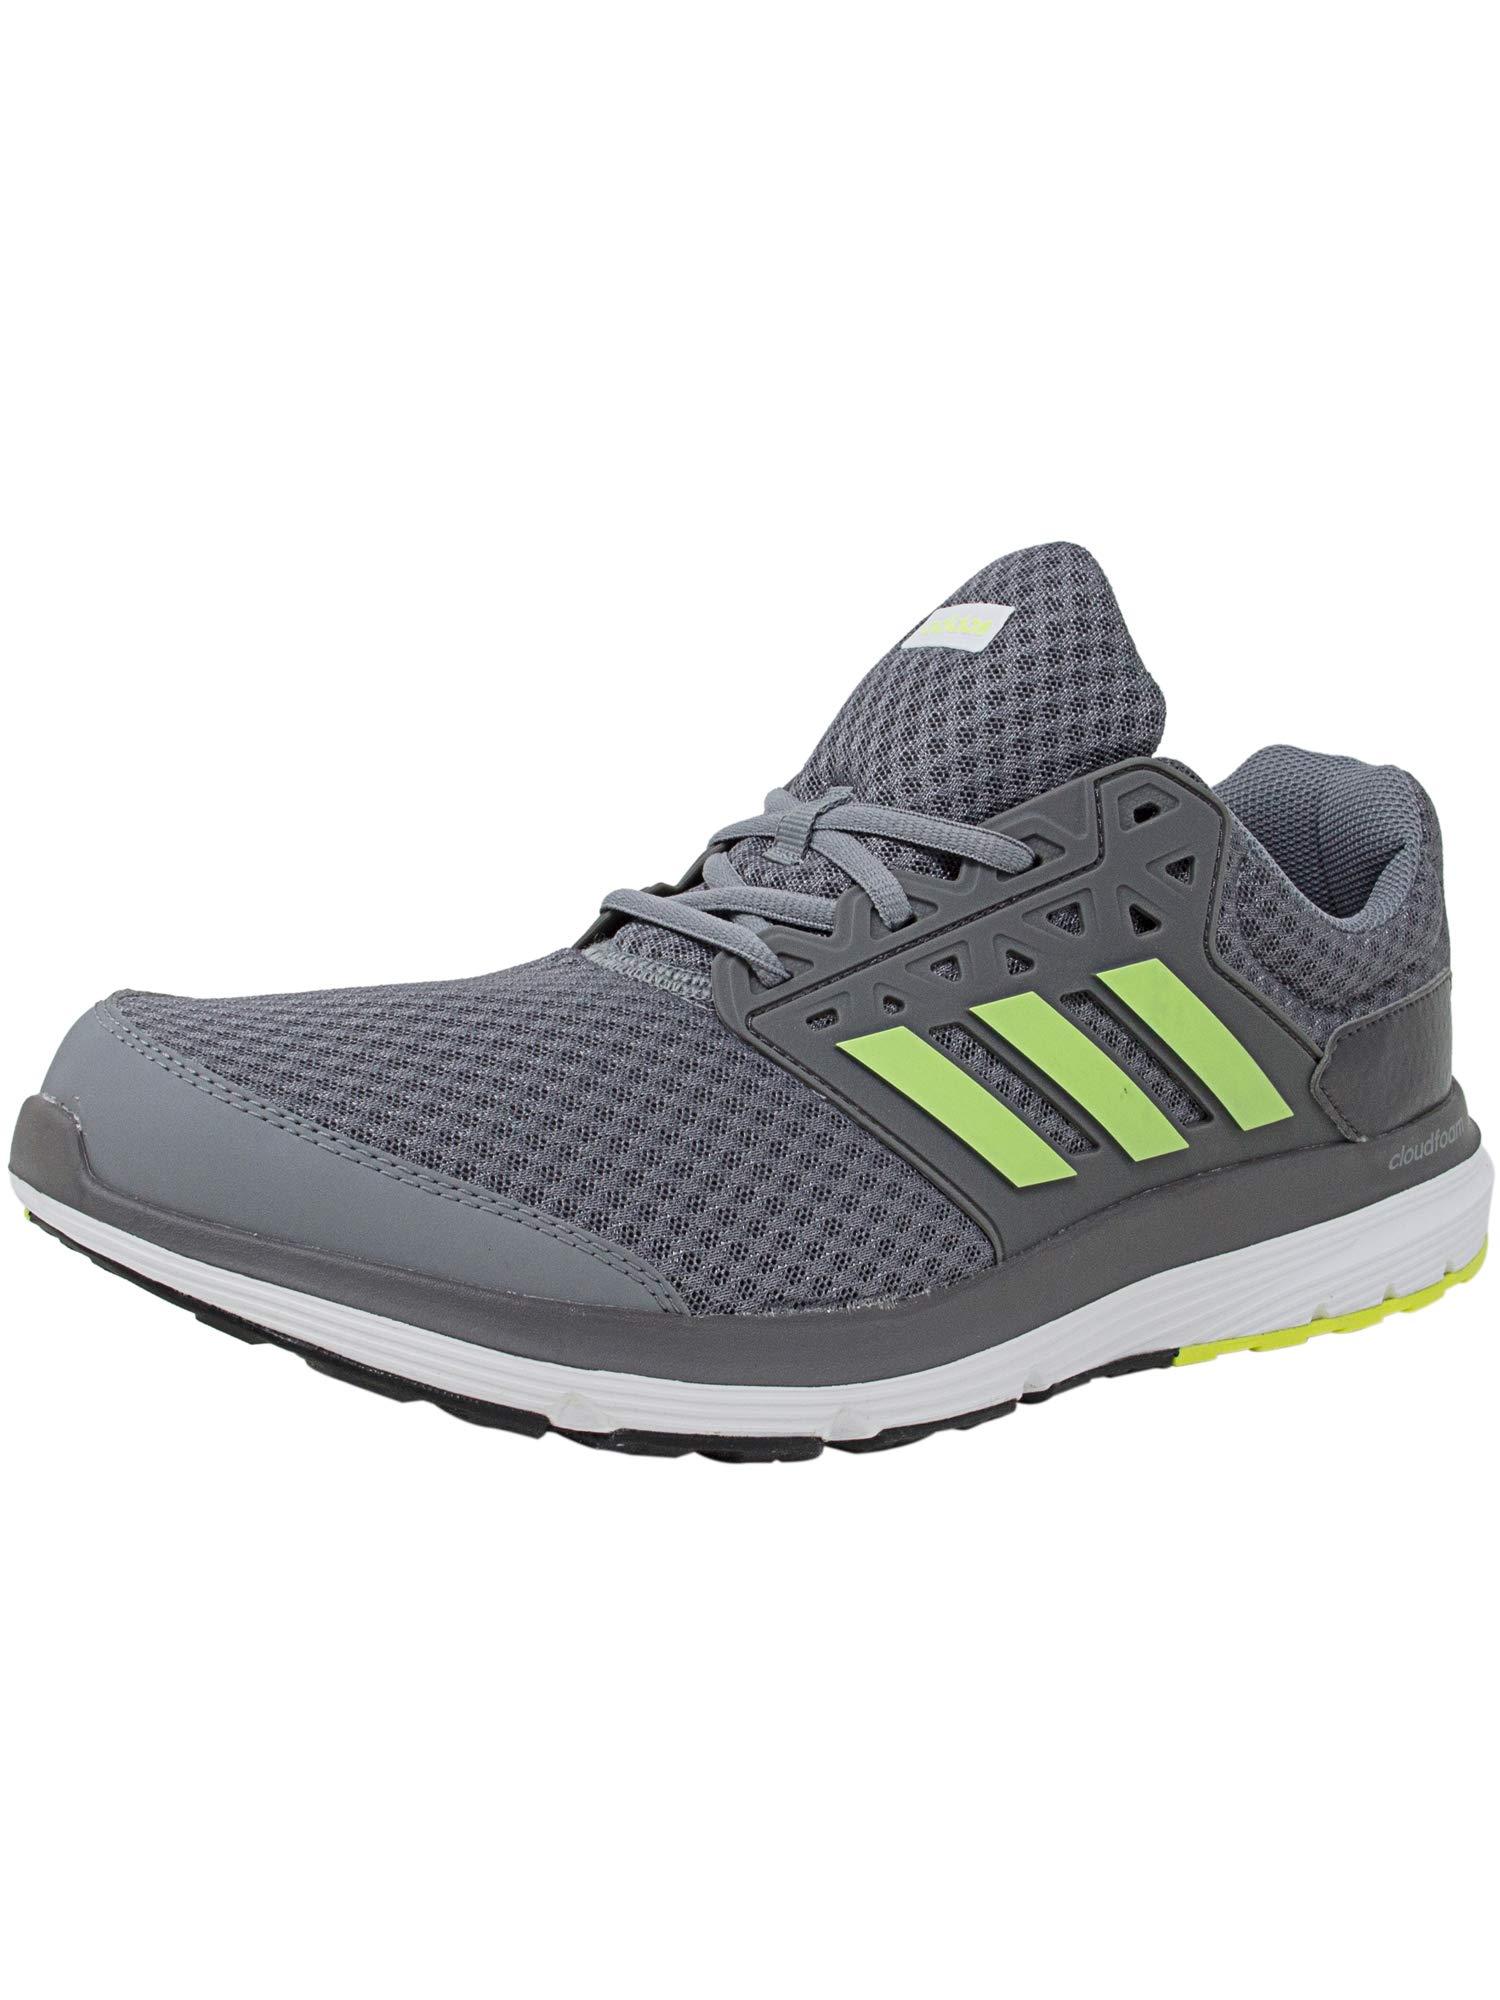 adidas Men's Galaxy 3 M Running Shoe Solar YellowDark Grey, 11 M US